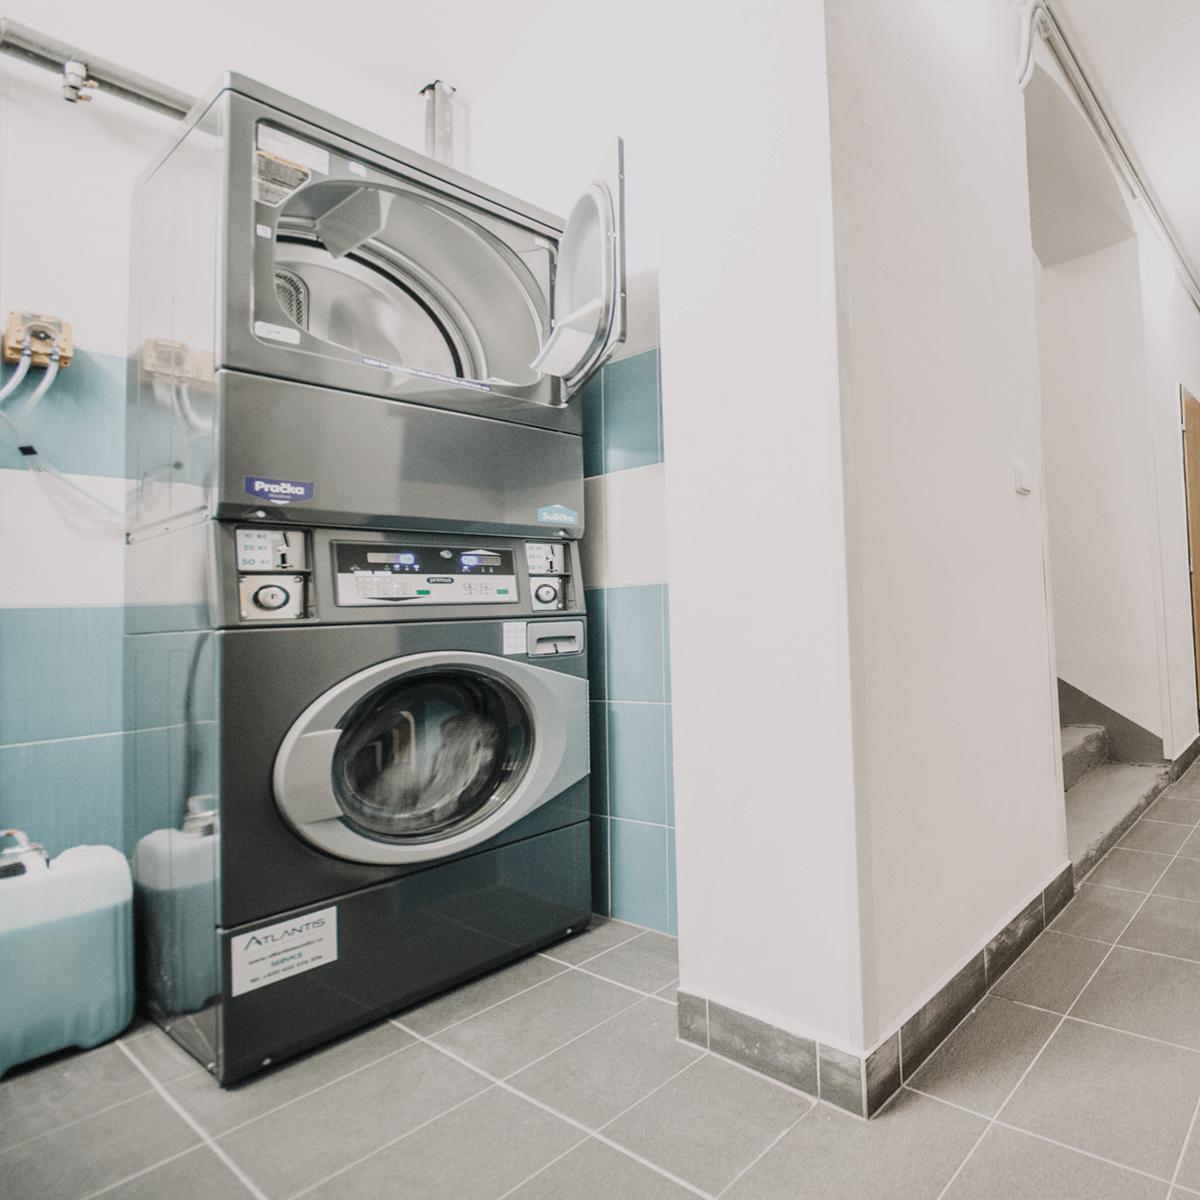 Prádelna Jinak - Ústí nad Labem - Kolej jinak